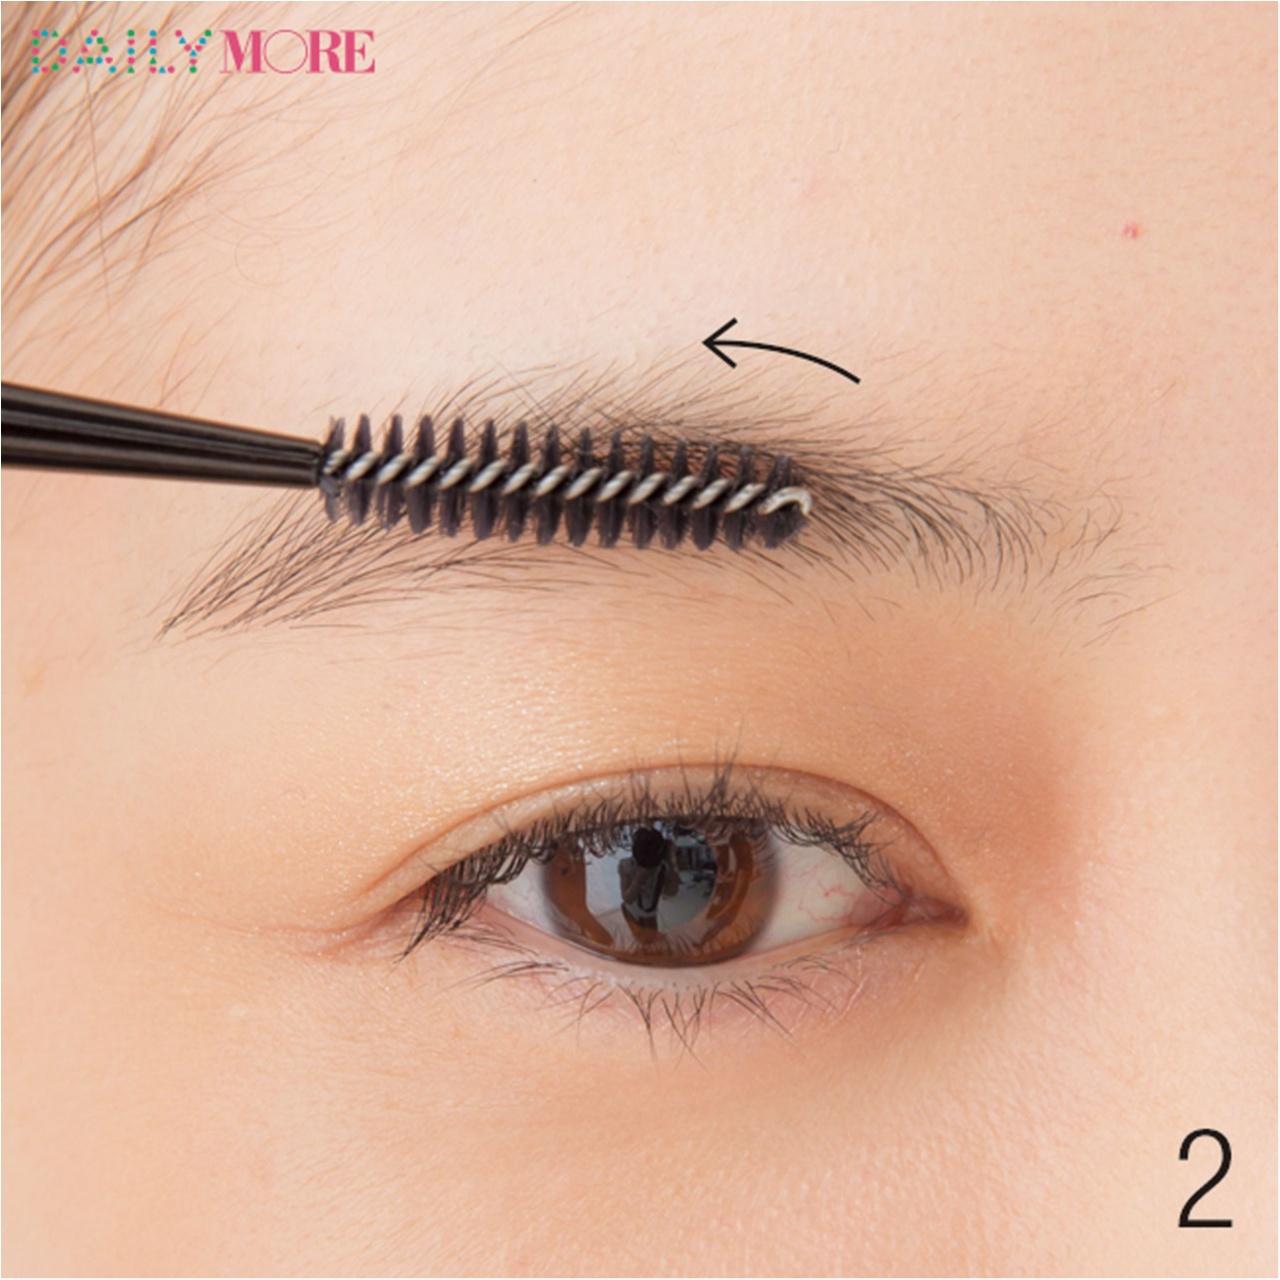 眉毛特集 - 世界一正しい眉の描き方 | アイブロウの描き方、メイクのプロセスやテクニックまとめ_24